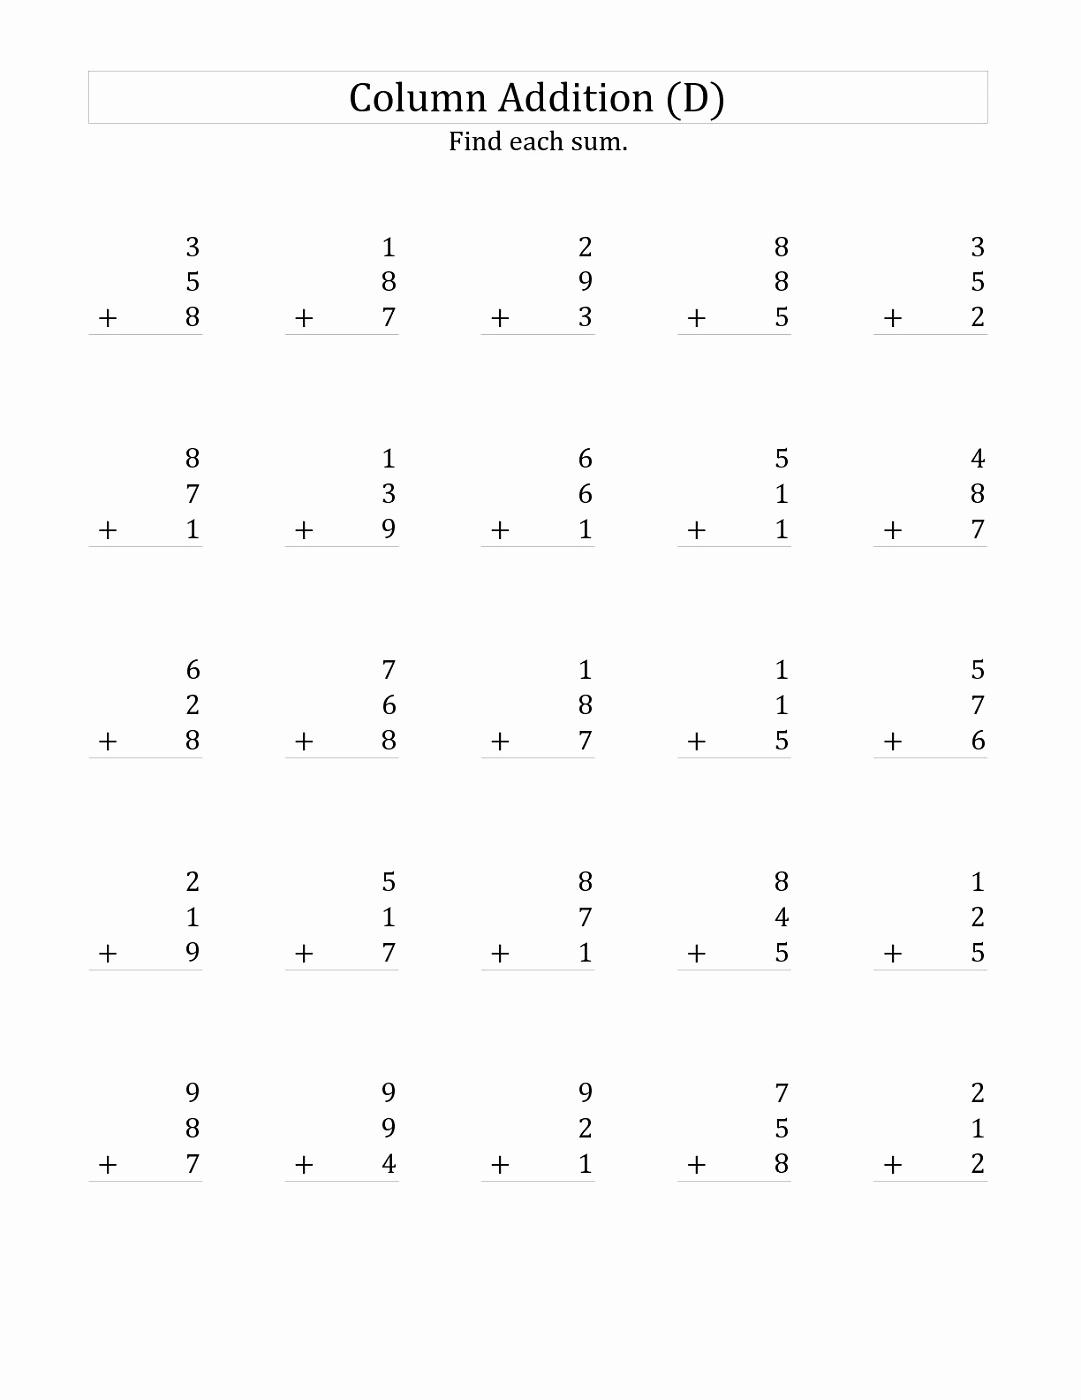 3 Addends Worksheets Unique 3 Addends Worksheets Printable